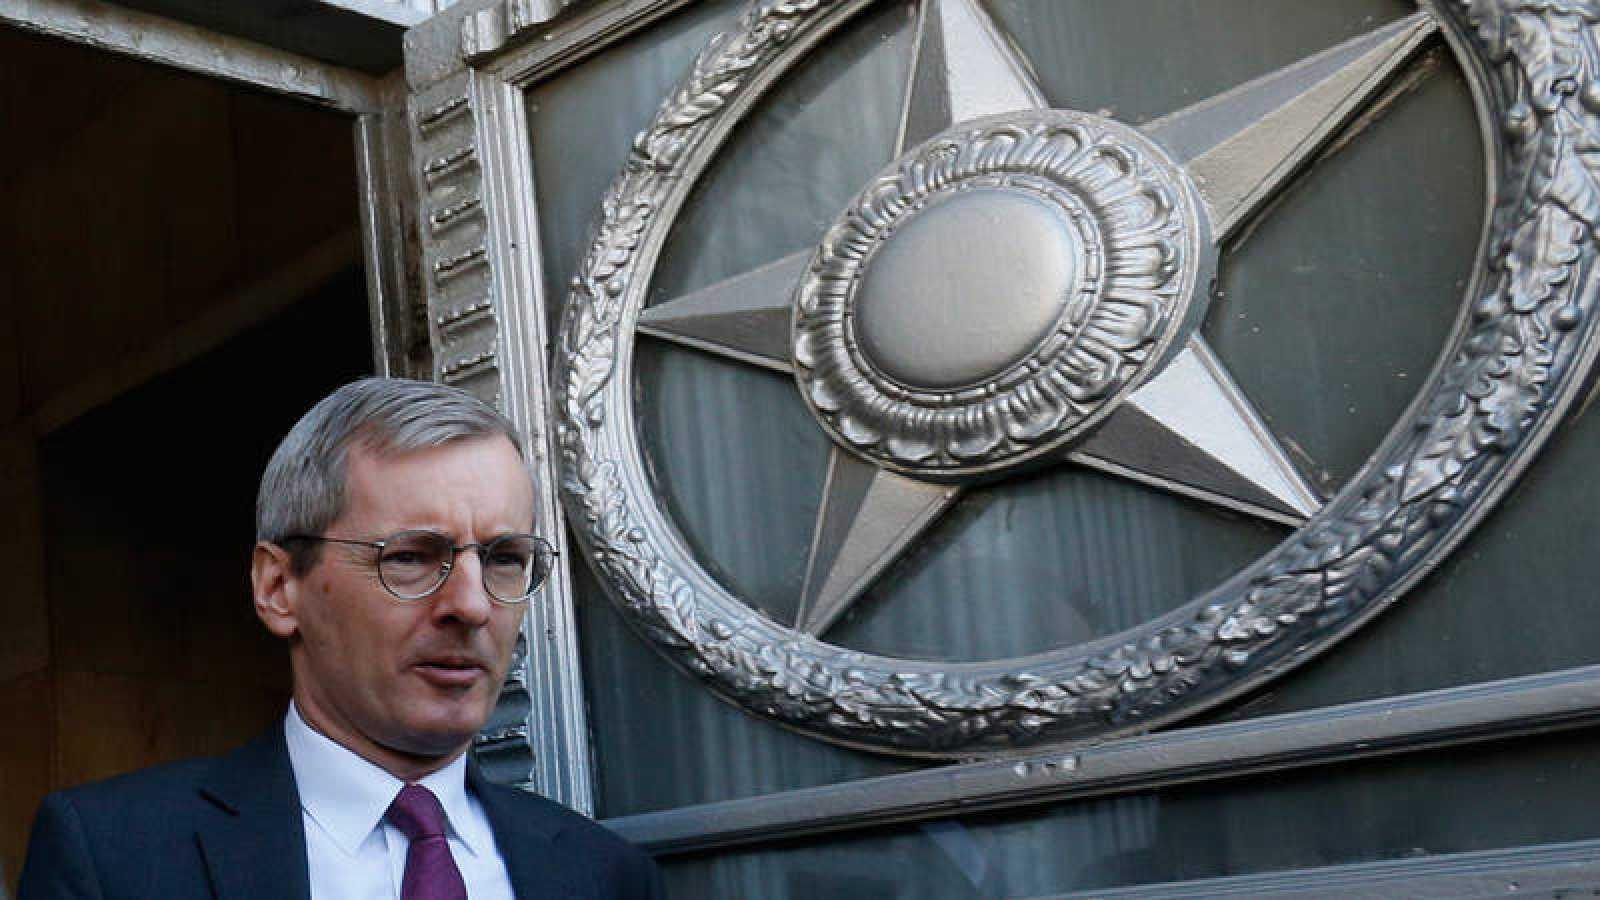 El embajador británico Laurie Bristow, saliendo de la sede del Ministerio de Asuntos Exteriores de Rusia en Moscú